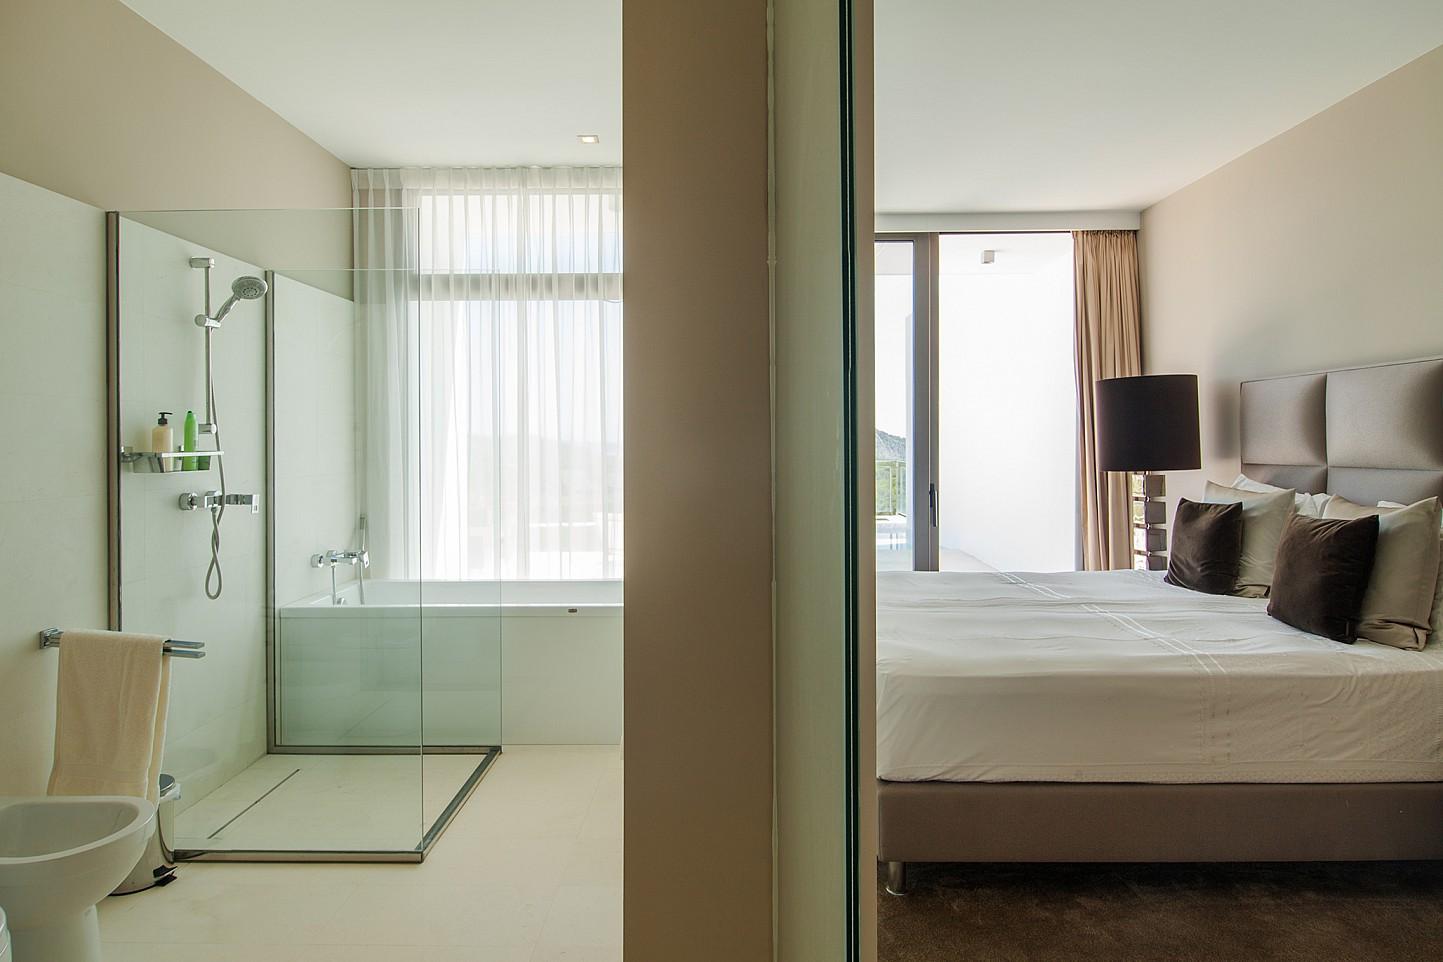 Dormitori amb bany complet